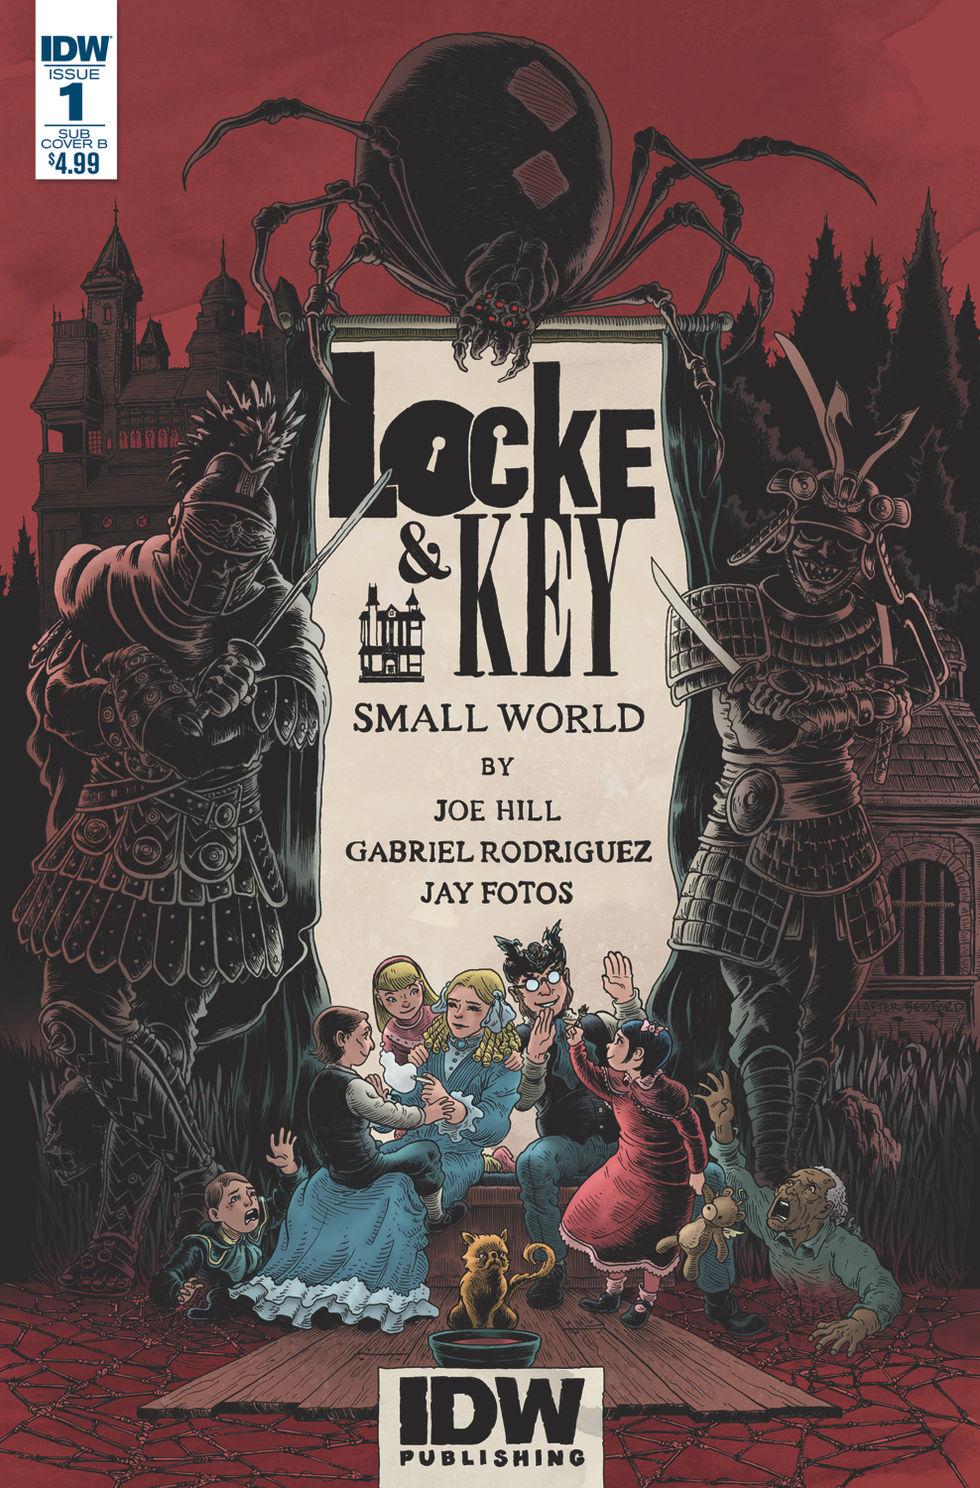 Netflix ska göra tv-serie av Locke & Key